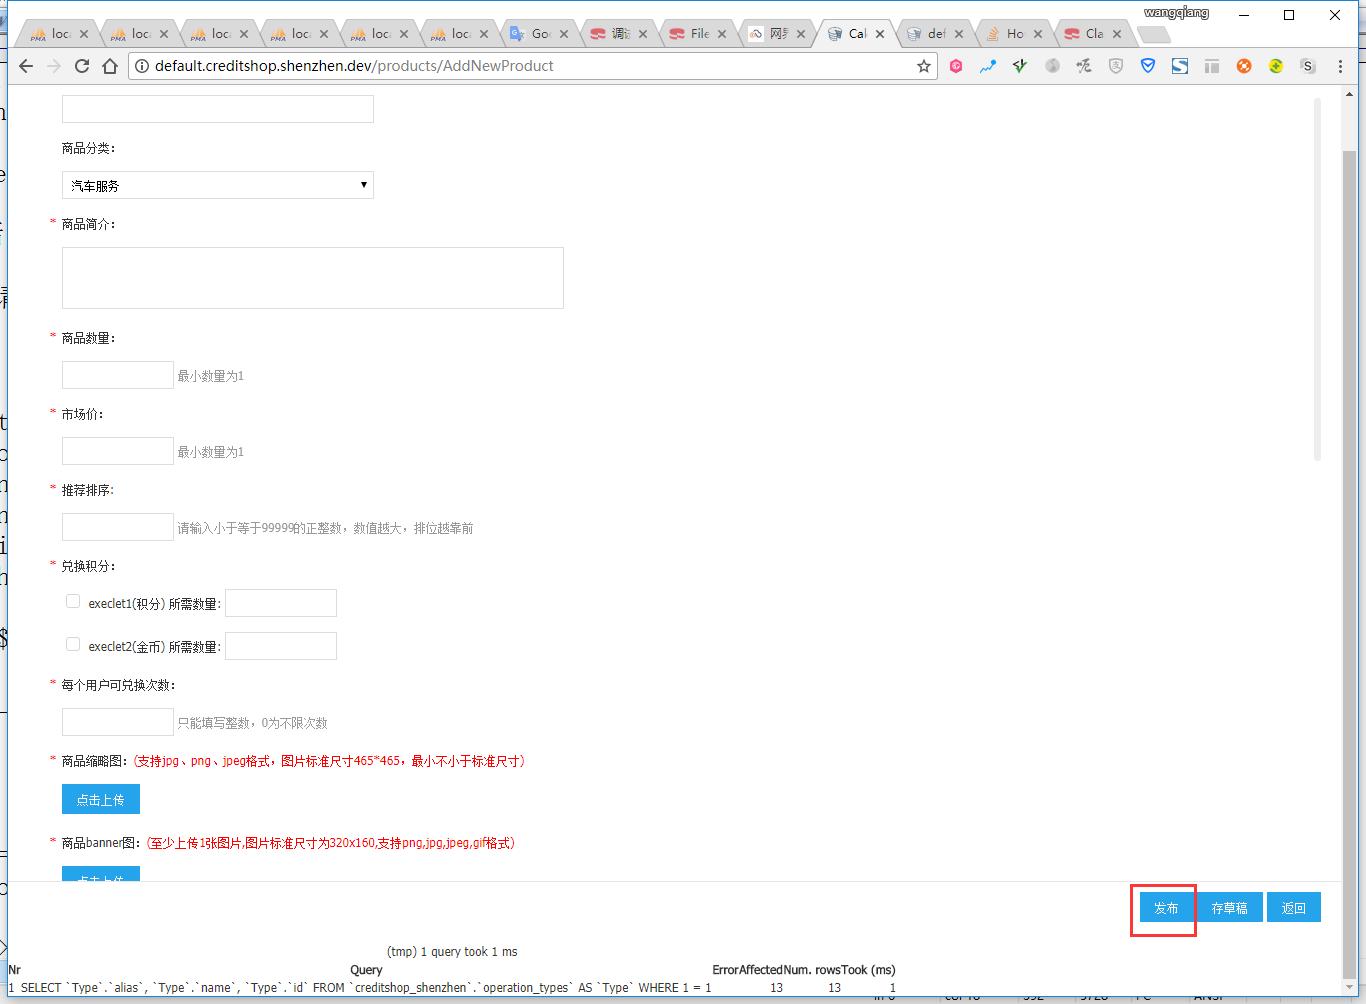 如果为 post 请求,最终执行成功后,会直接跳转,就需要在控制器中打印已经执行过的 SQL 语句